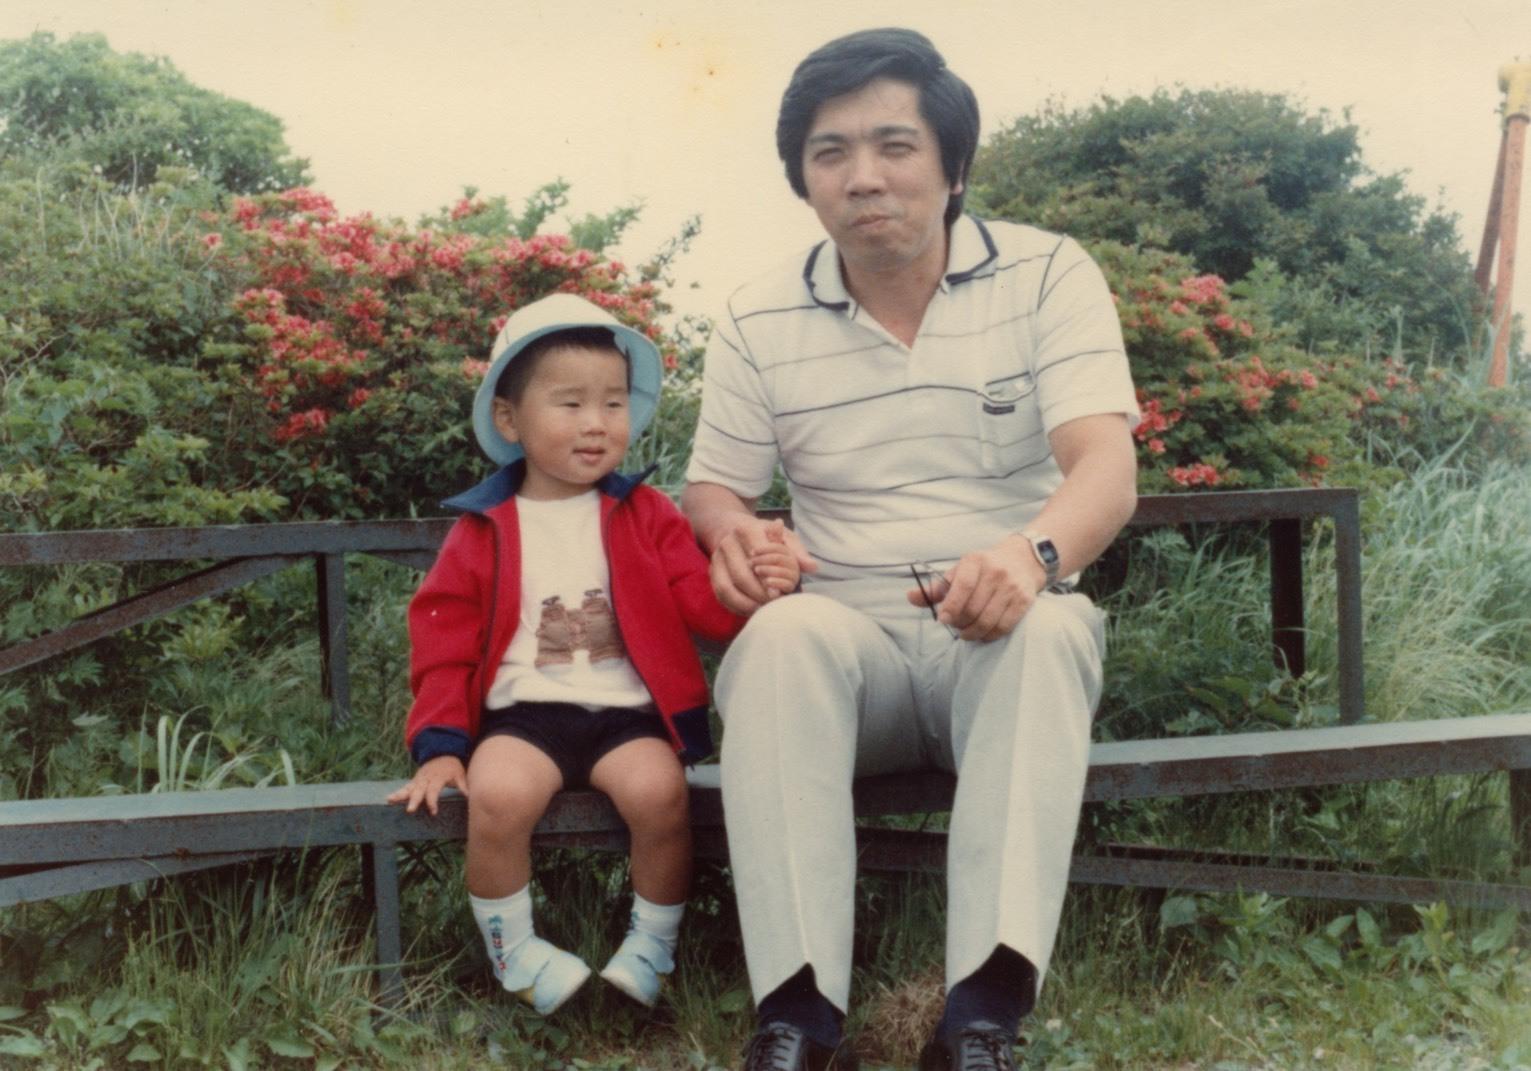 後藤さんの幼少期時代の写真